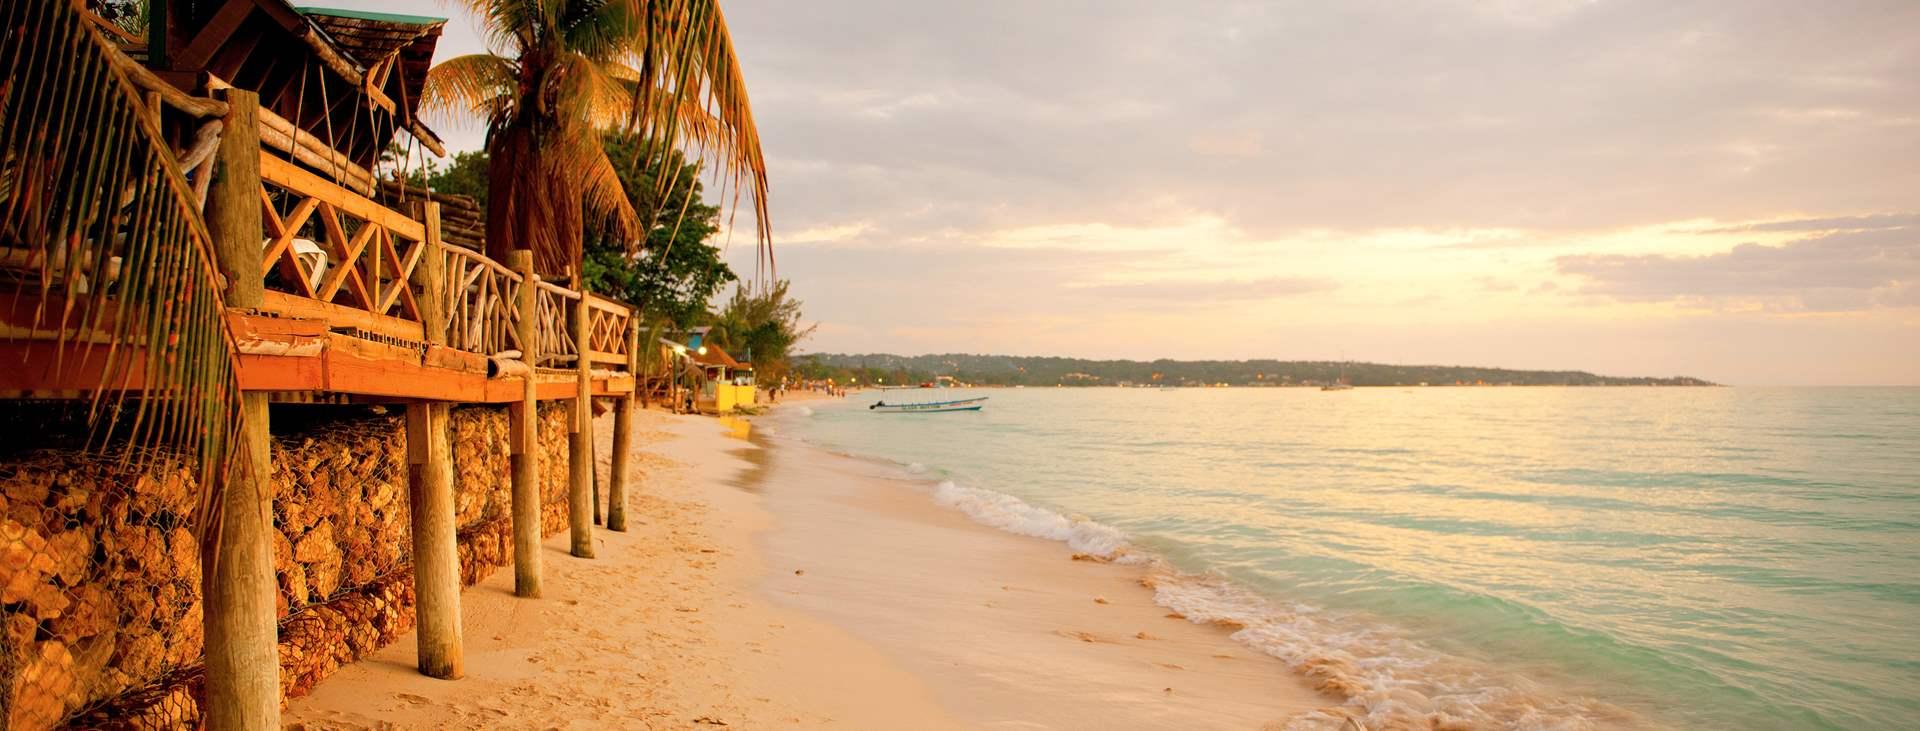 Boka din resa med All Inclusive till Negril på Jamaica